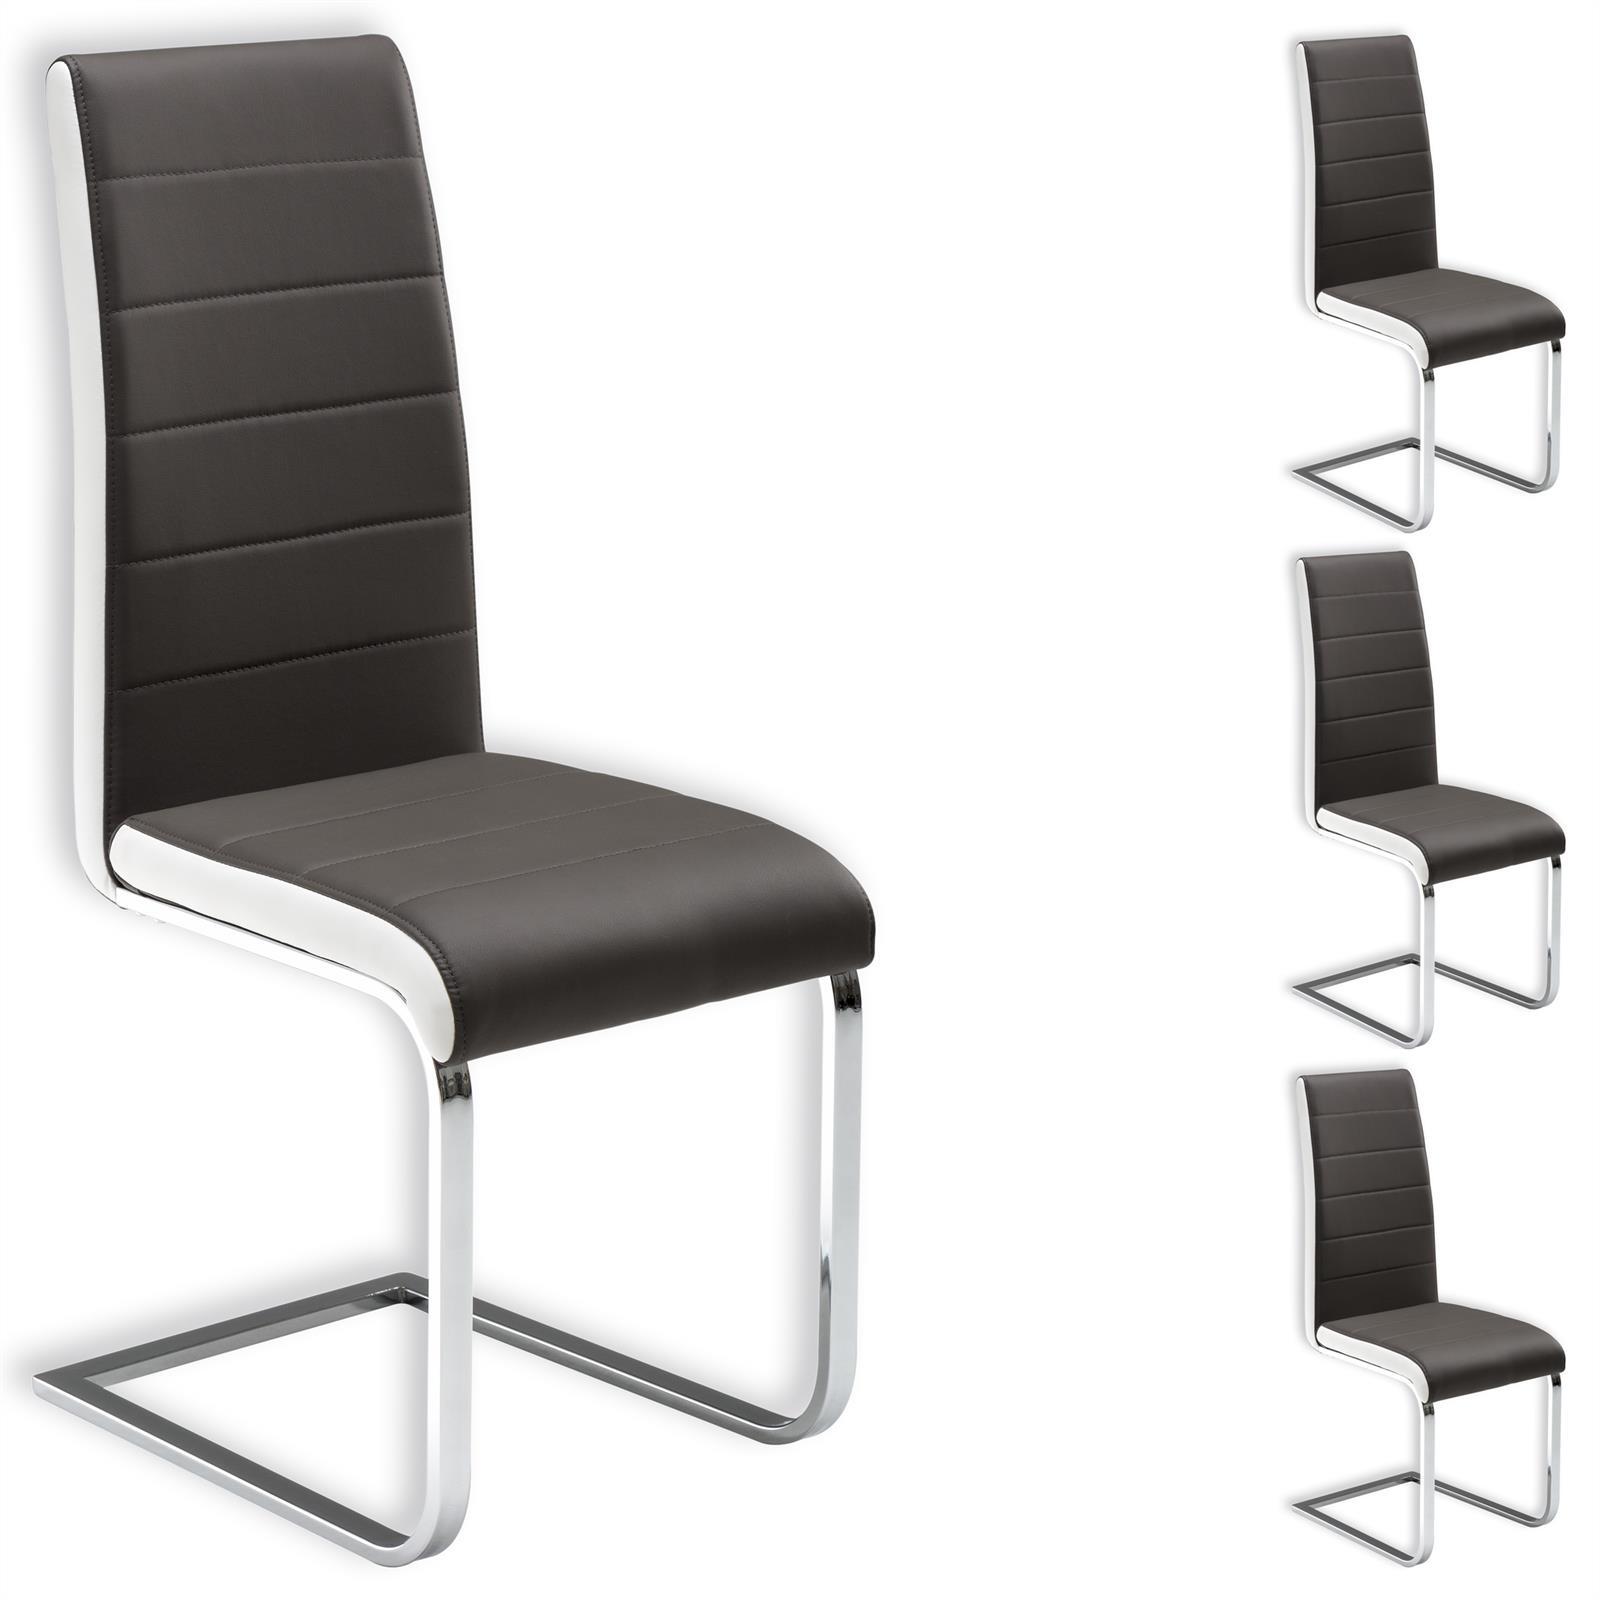 esszimmerstuhl freischwinger k chenstuhl 4er set lederimitat farbauswahl ebay. Black Bedroom Furniture Sets. Home Design Ideas